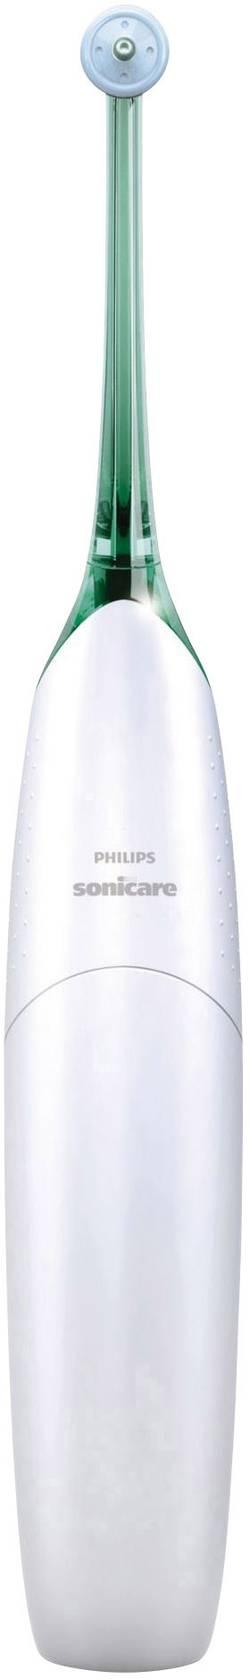 Hydropulseur Philips Sonicare HX8255/02